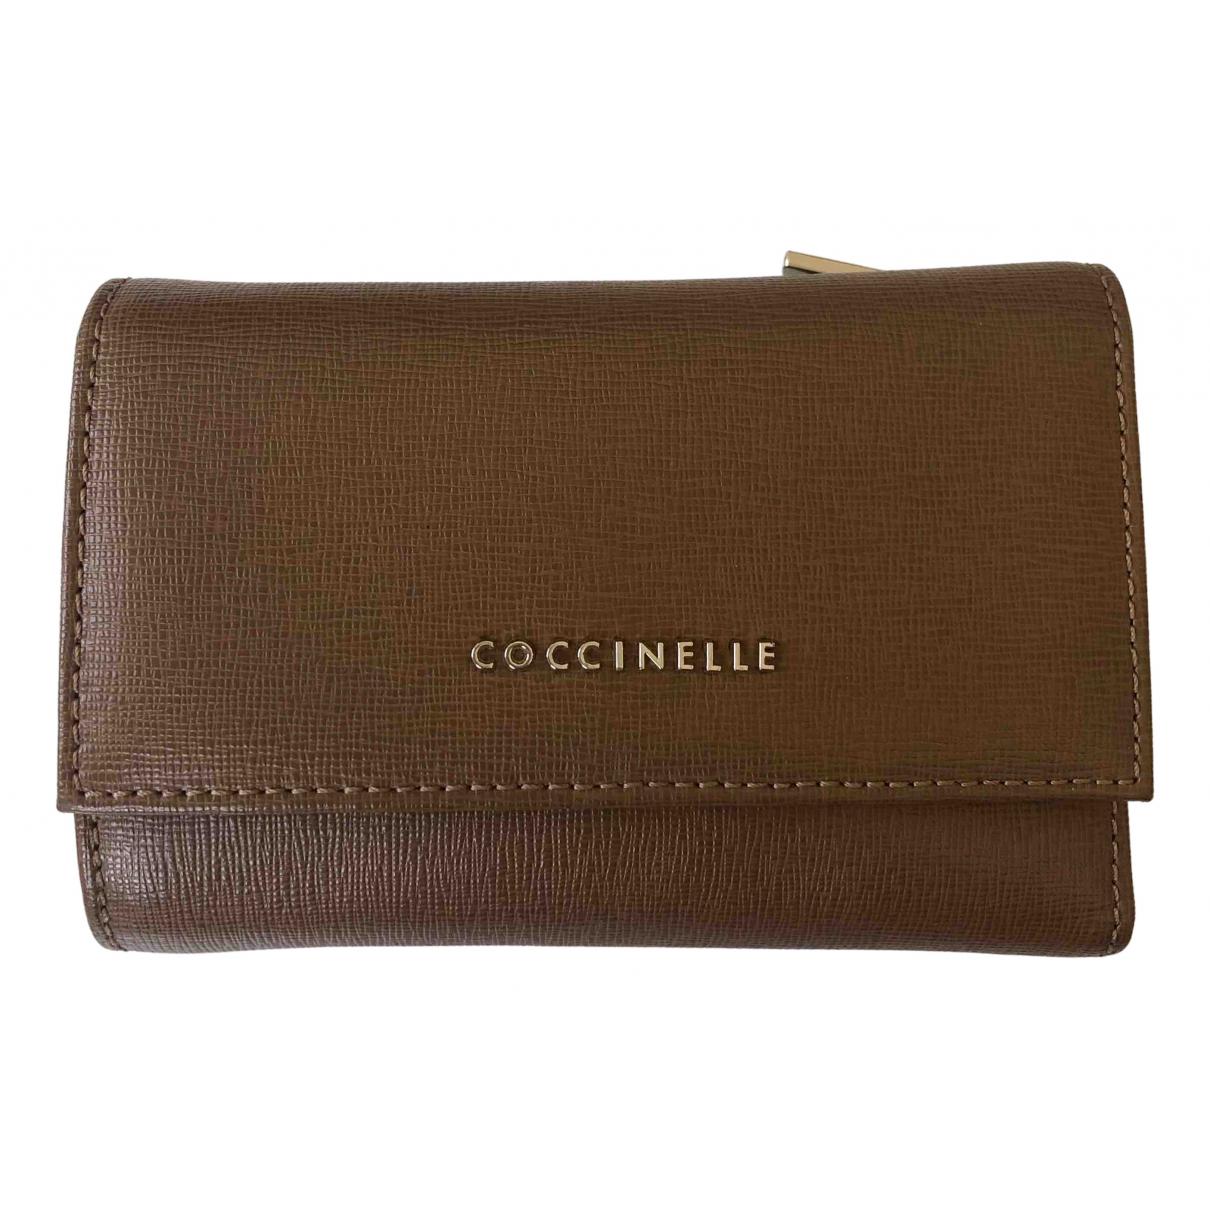 Coccinelle \N Portemonnaie in  Kamel Leder